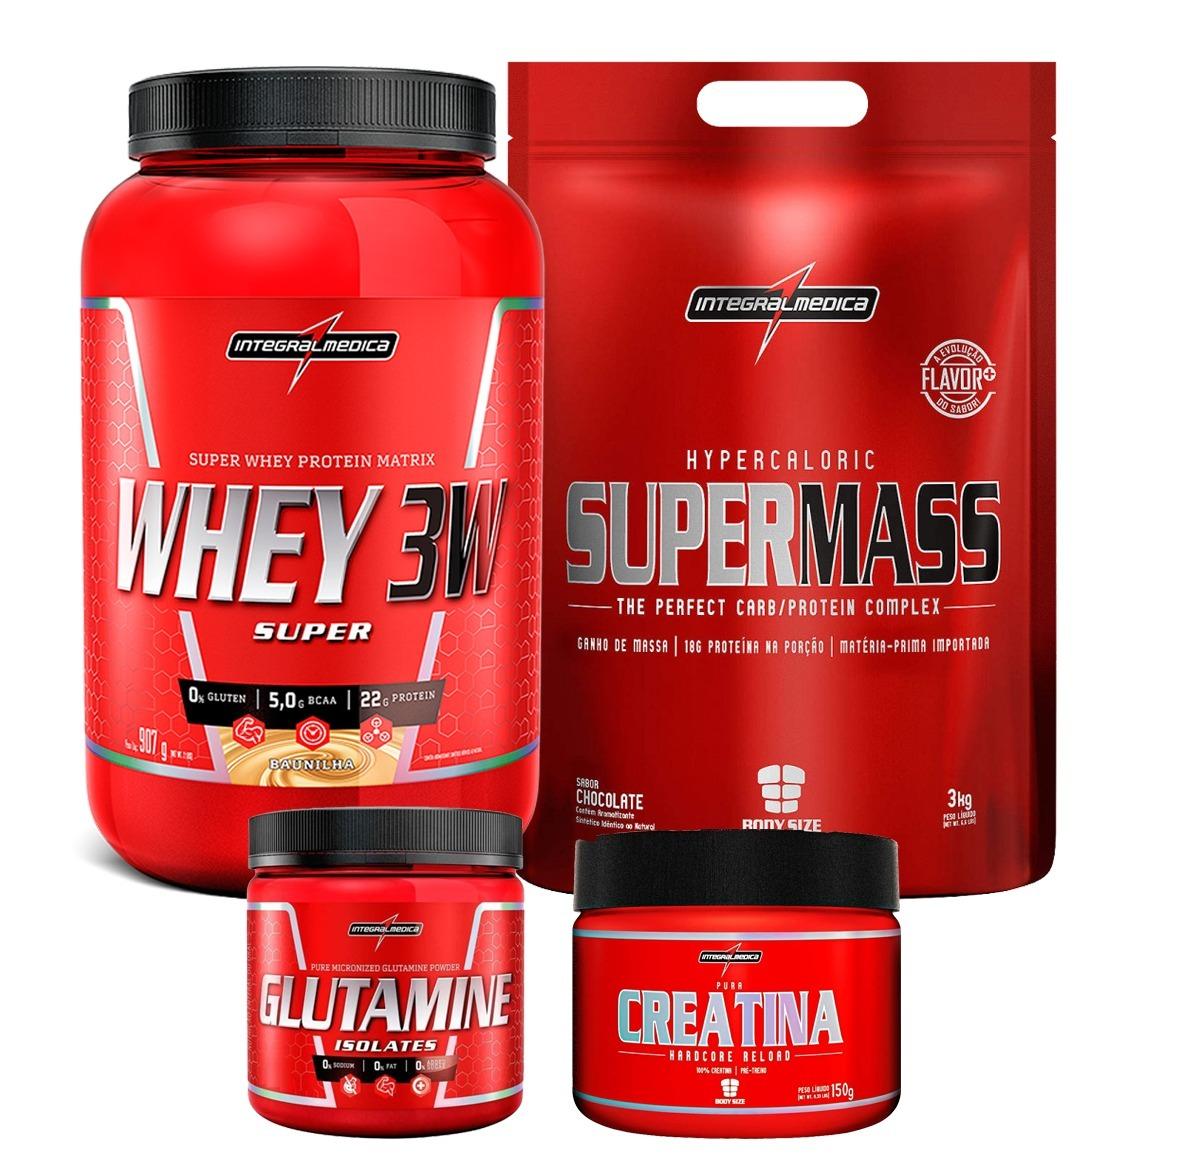 cf65fc8e0 whey protein 3w +hipercalórico+creatina+gluta o melhor !!! Carregando zoom.